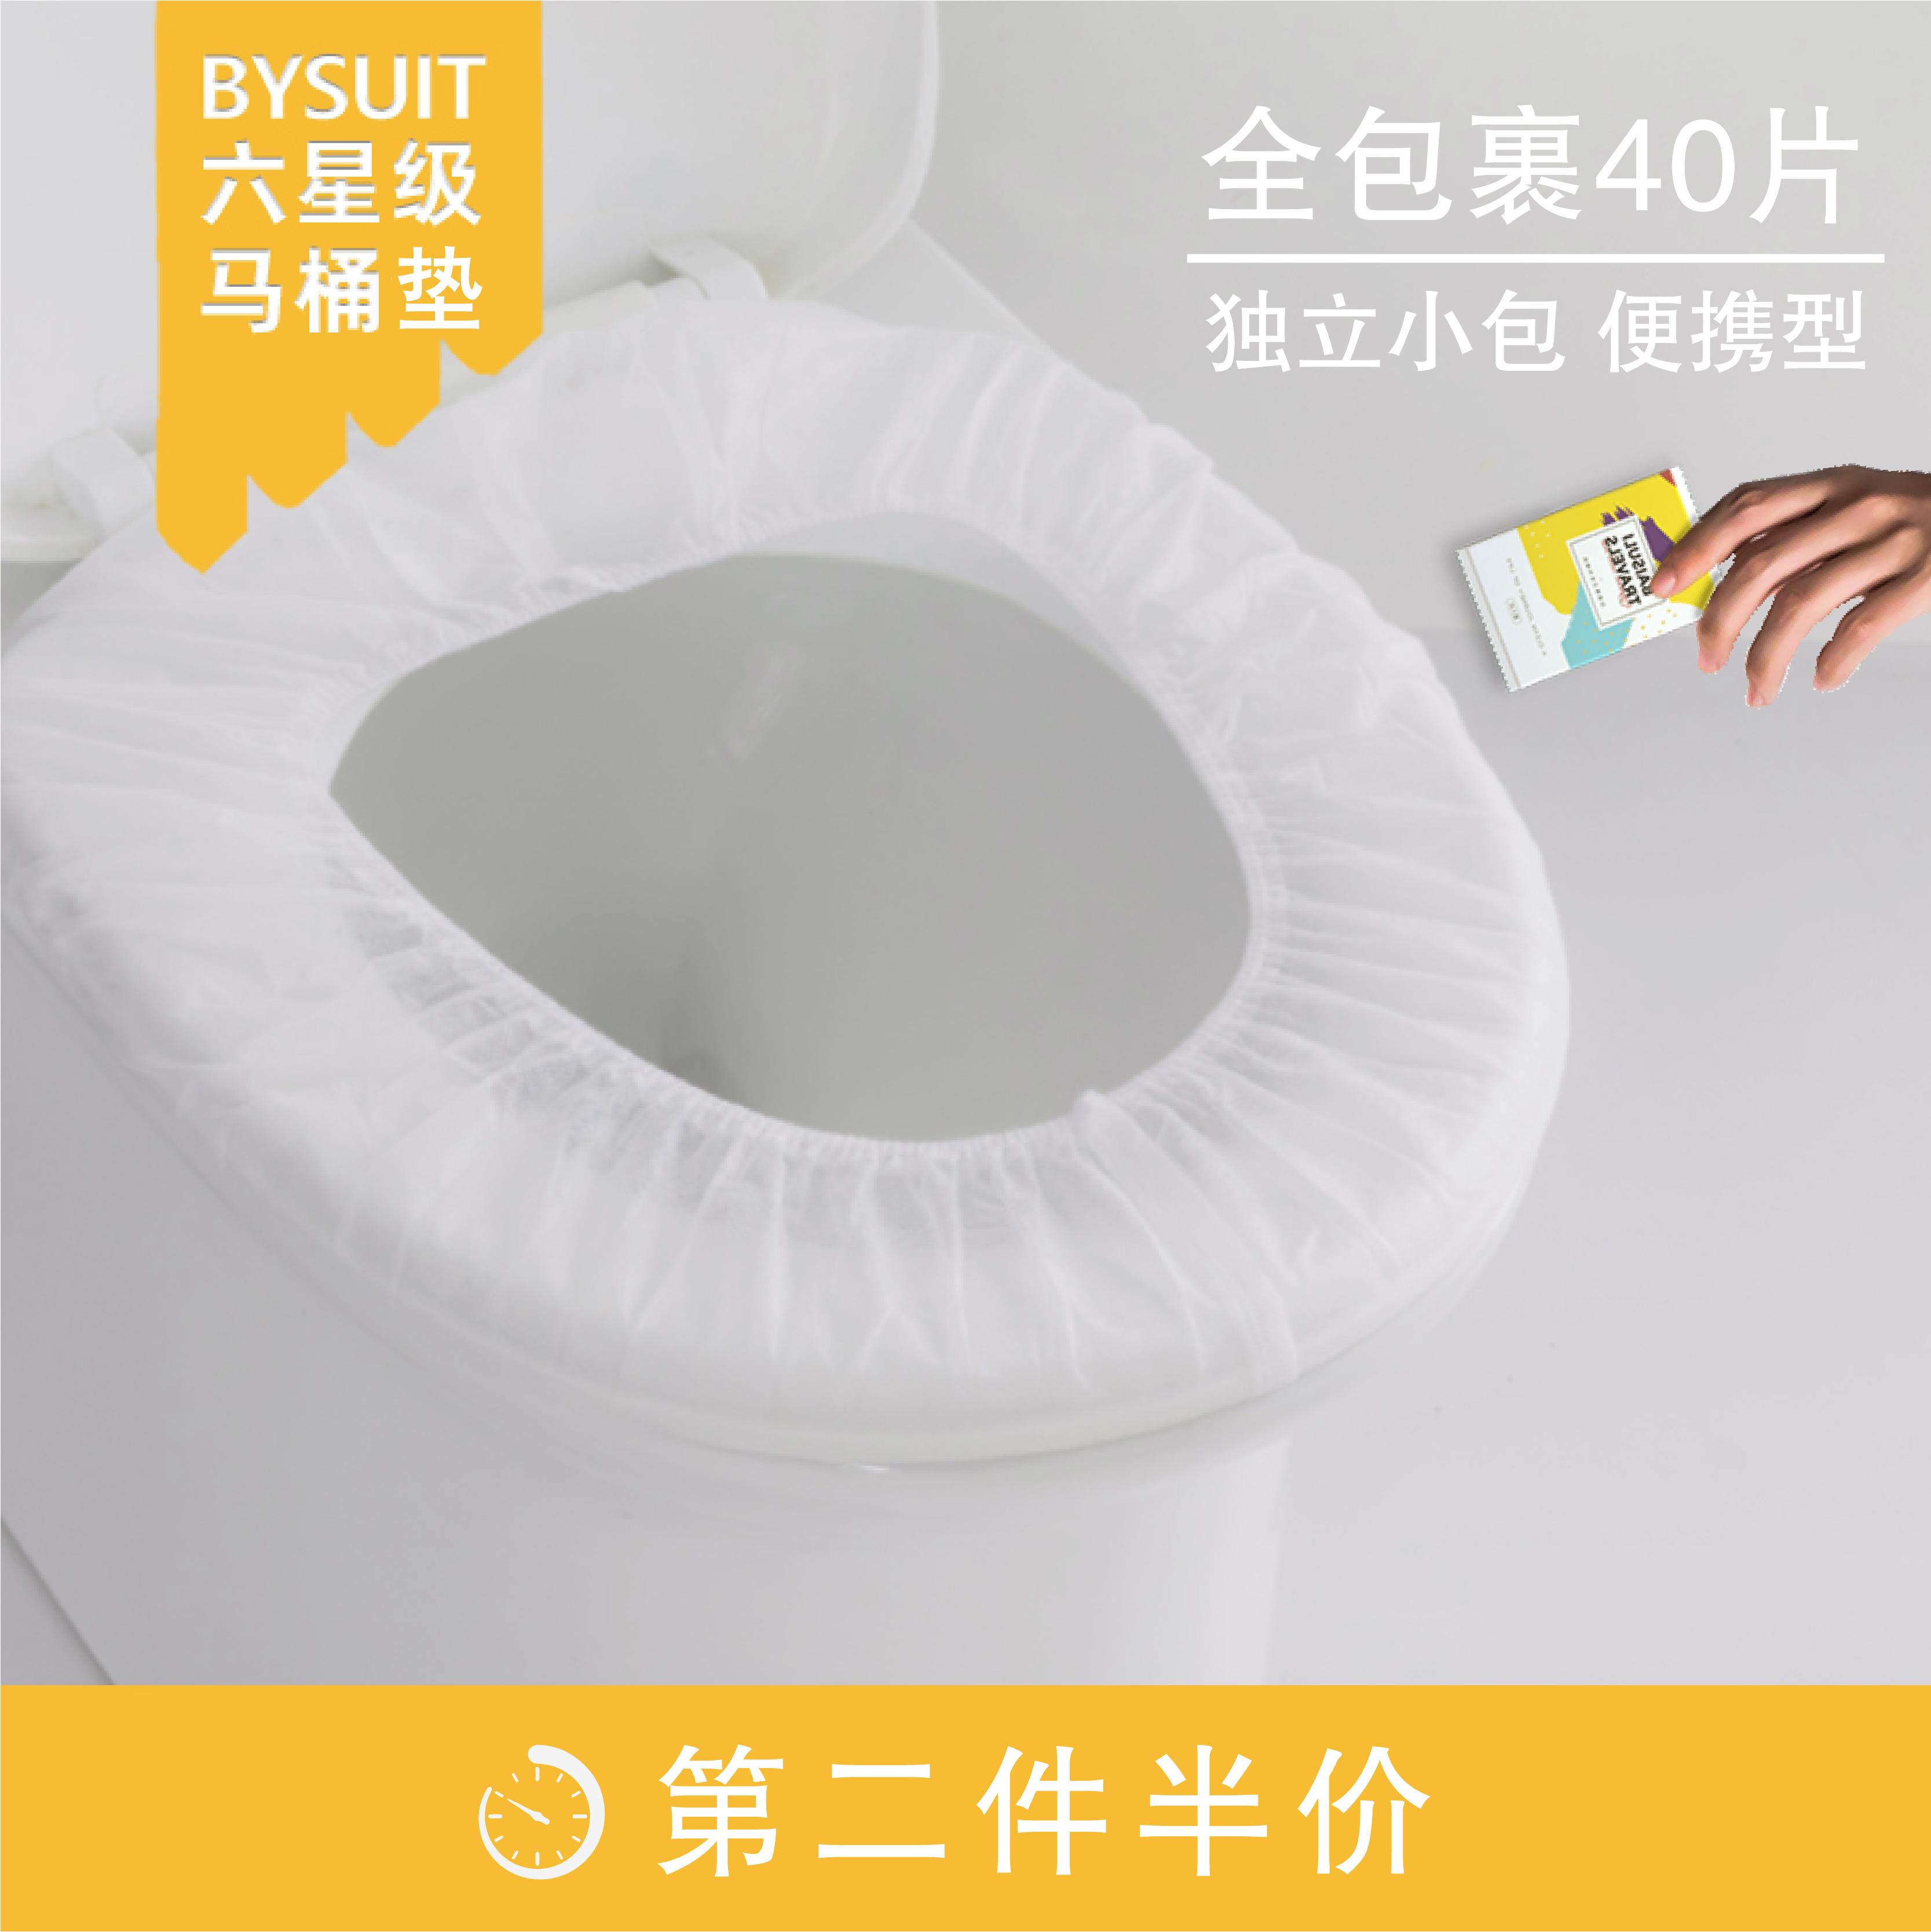 一次性马桶垫 旅行便携产妇厕所坐便套厚坐垫纸100片无纺布马桶套